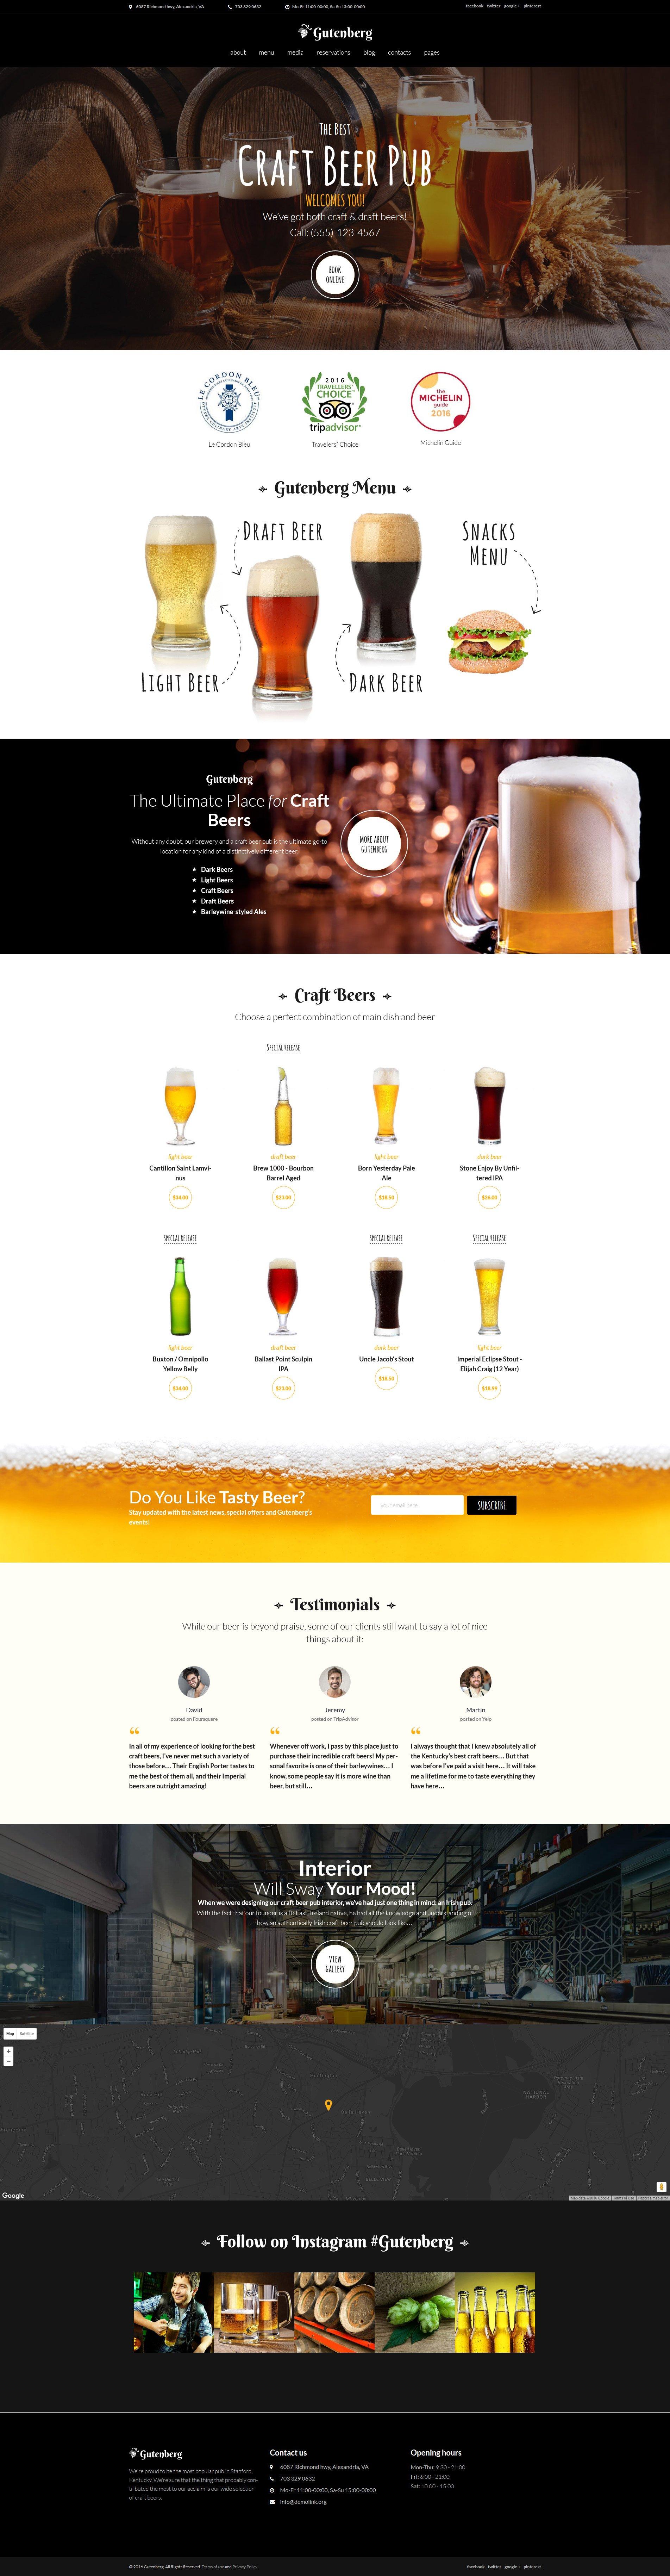 Reszponzív GutenBerg - Beer Pub and Brewery WordPress sablon 59005